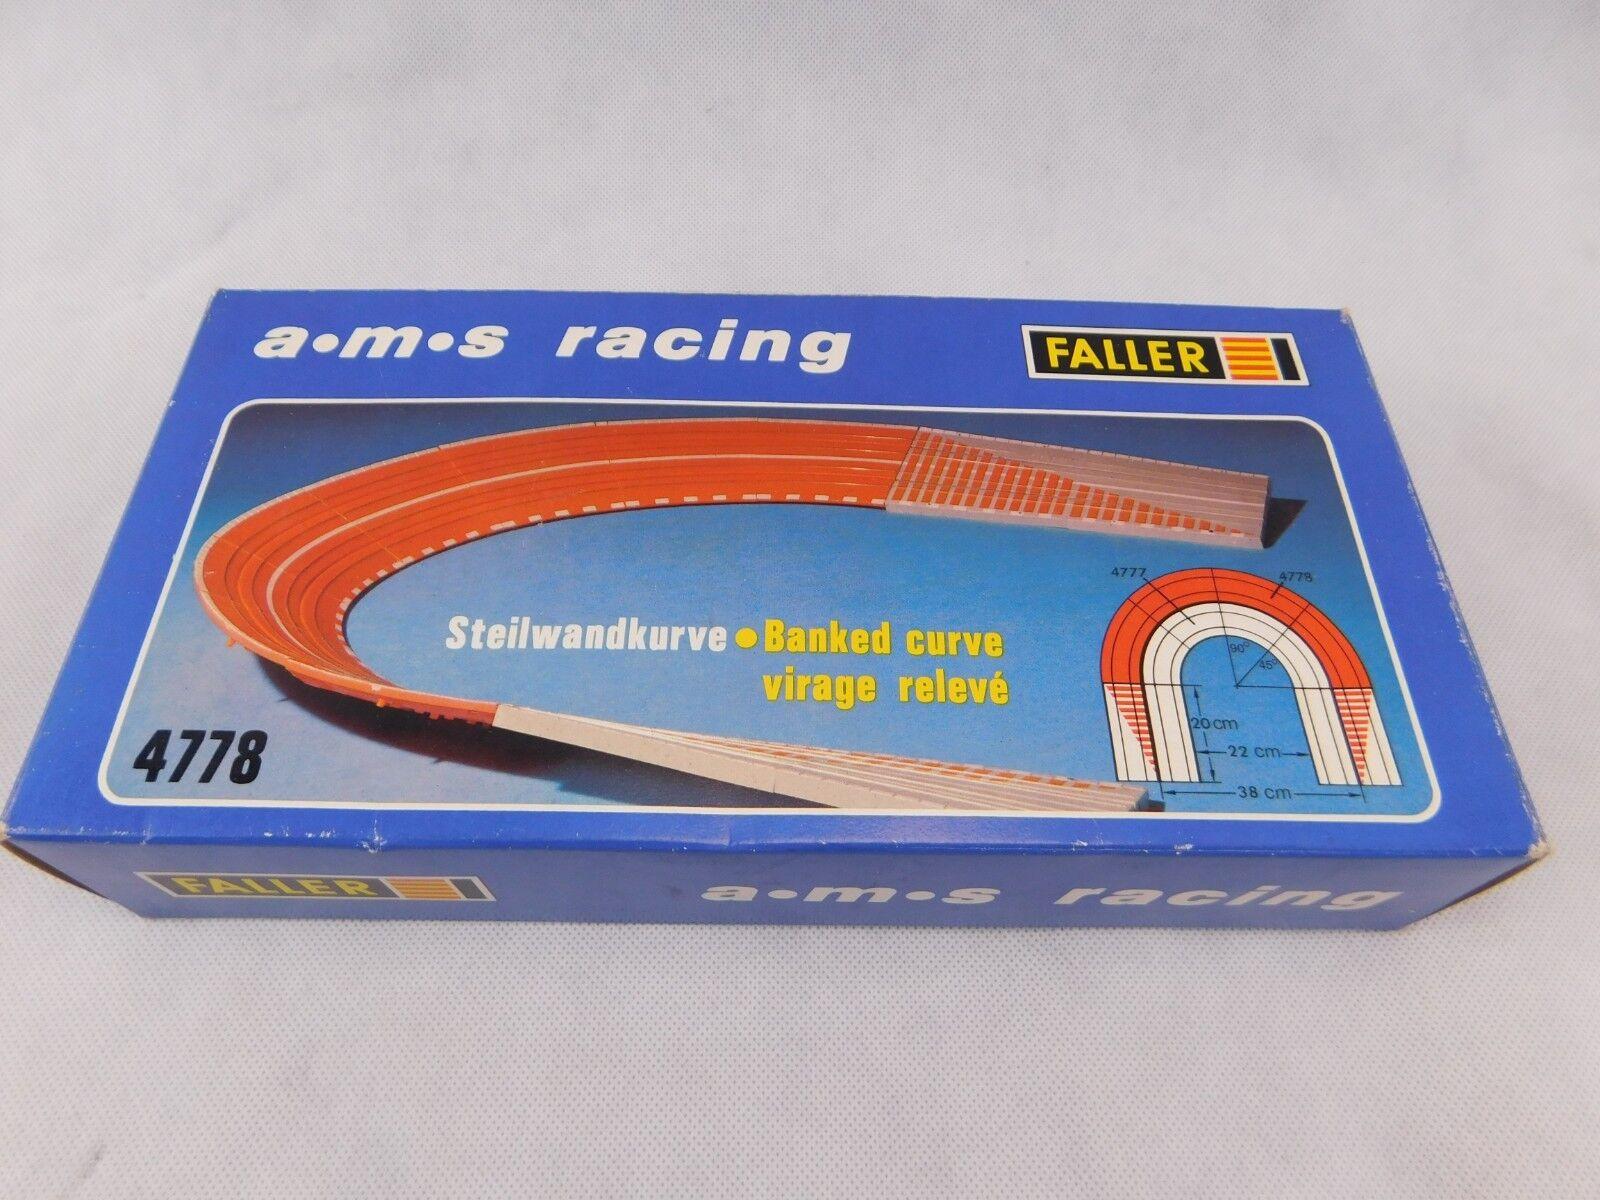 FALLER Steilwandkurve Steilkurve 4778 ams Auto Motor Sport Racing H0 1:87 OVP.